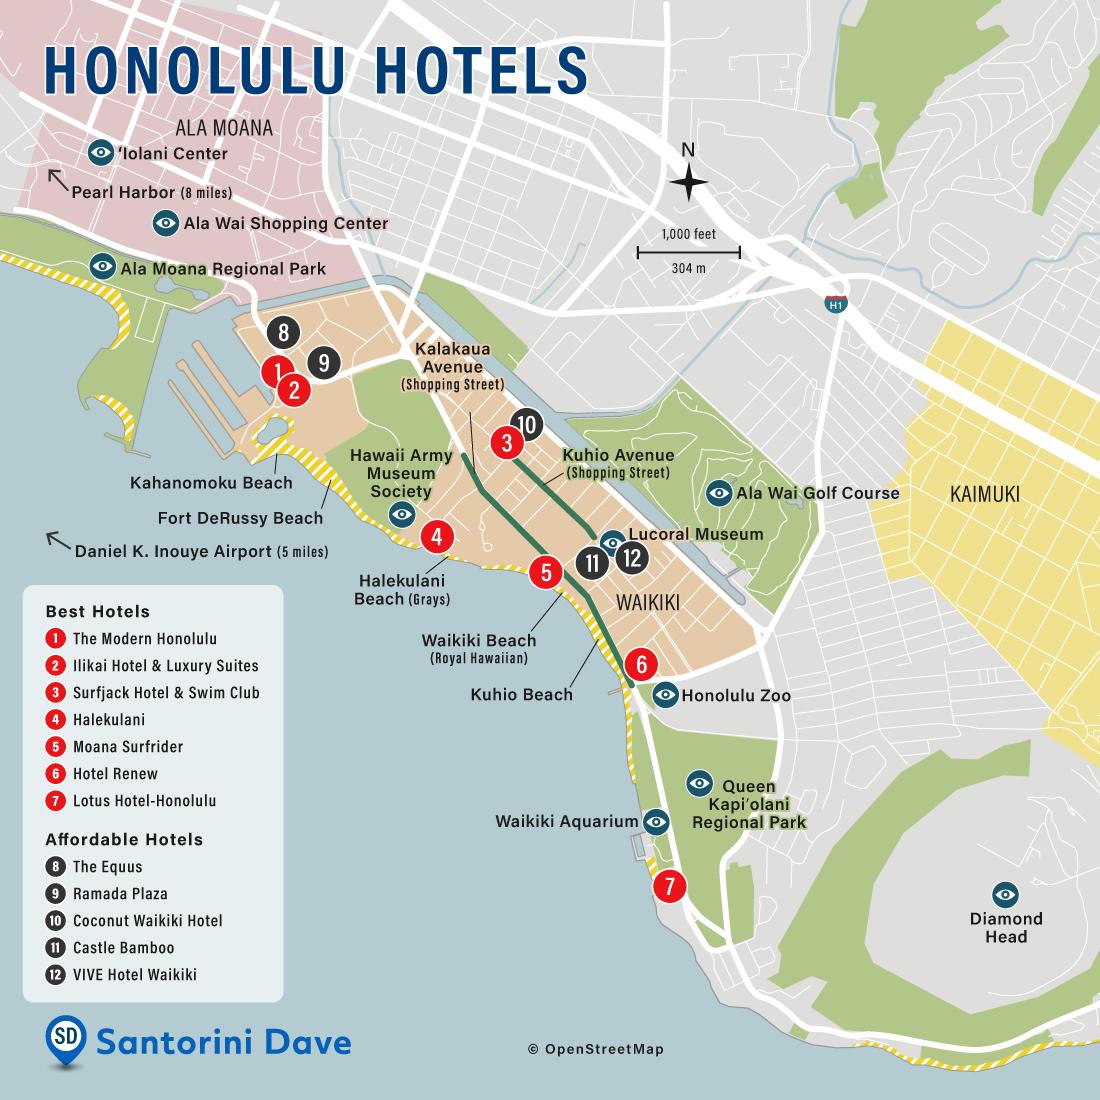 Map of Honolulu Hotels and Neighborhoods.